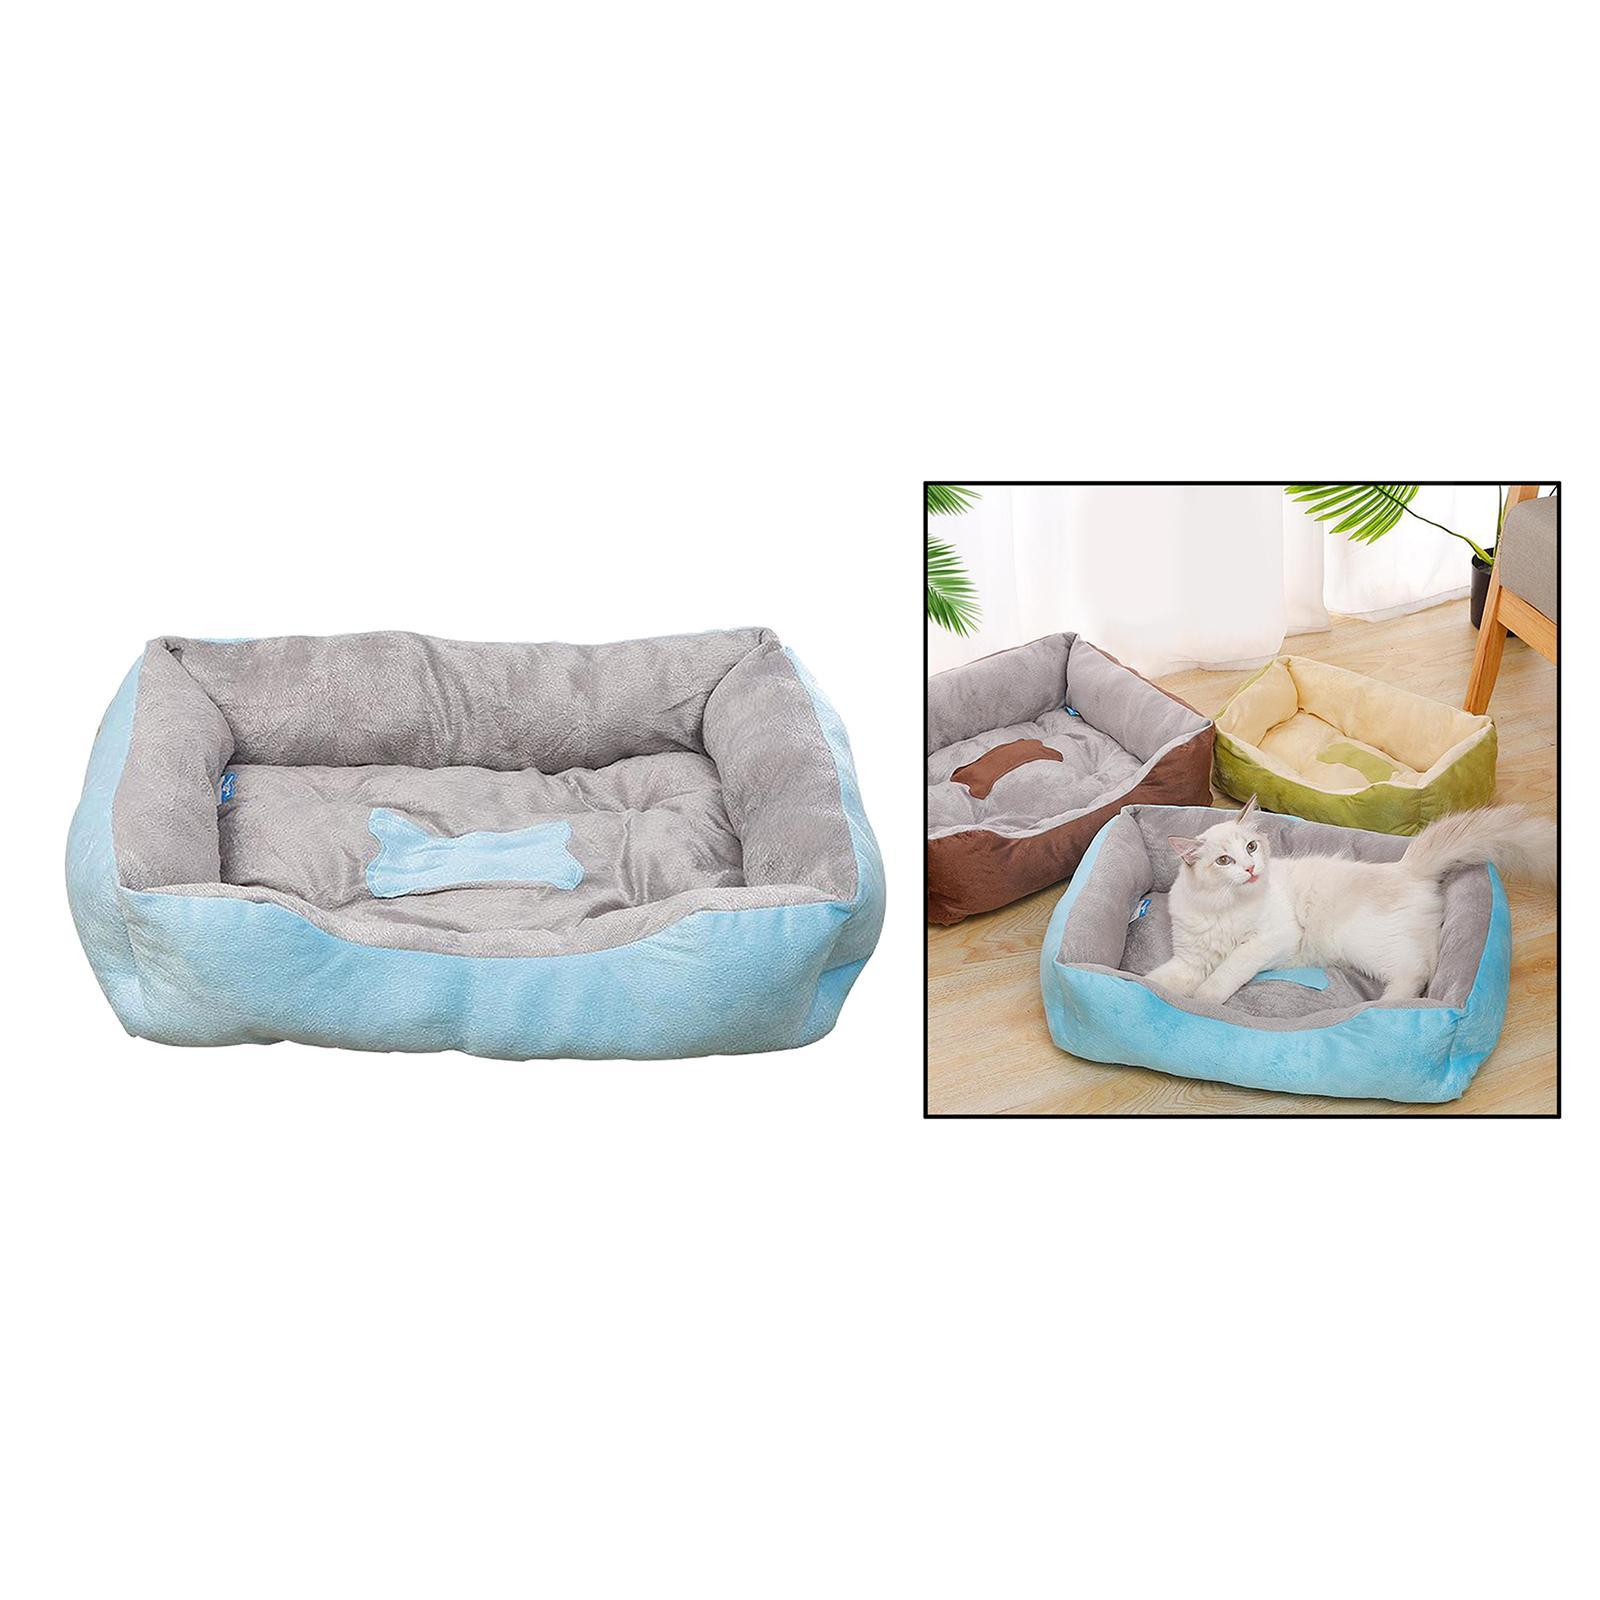 Indexbild 70 - Katze-Hund-Bett-Pet-Kissen-Betten-Haus-Schlaf-Soft-Warmen-Zwinger-Decke-Nest